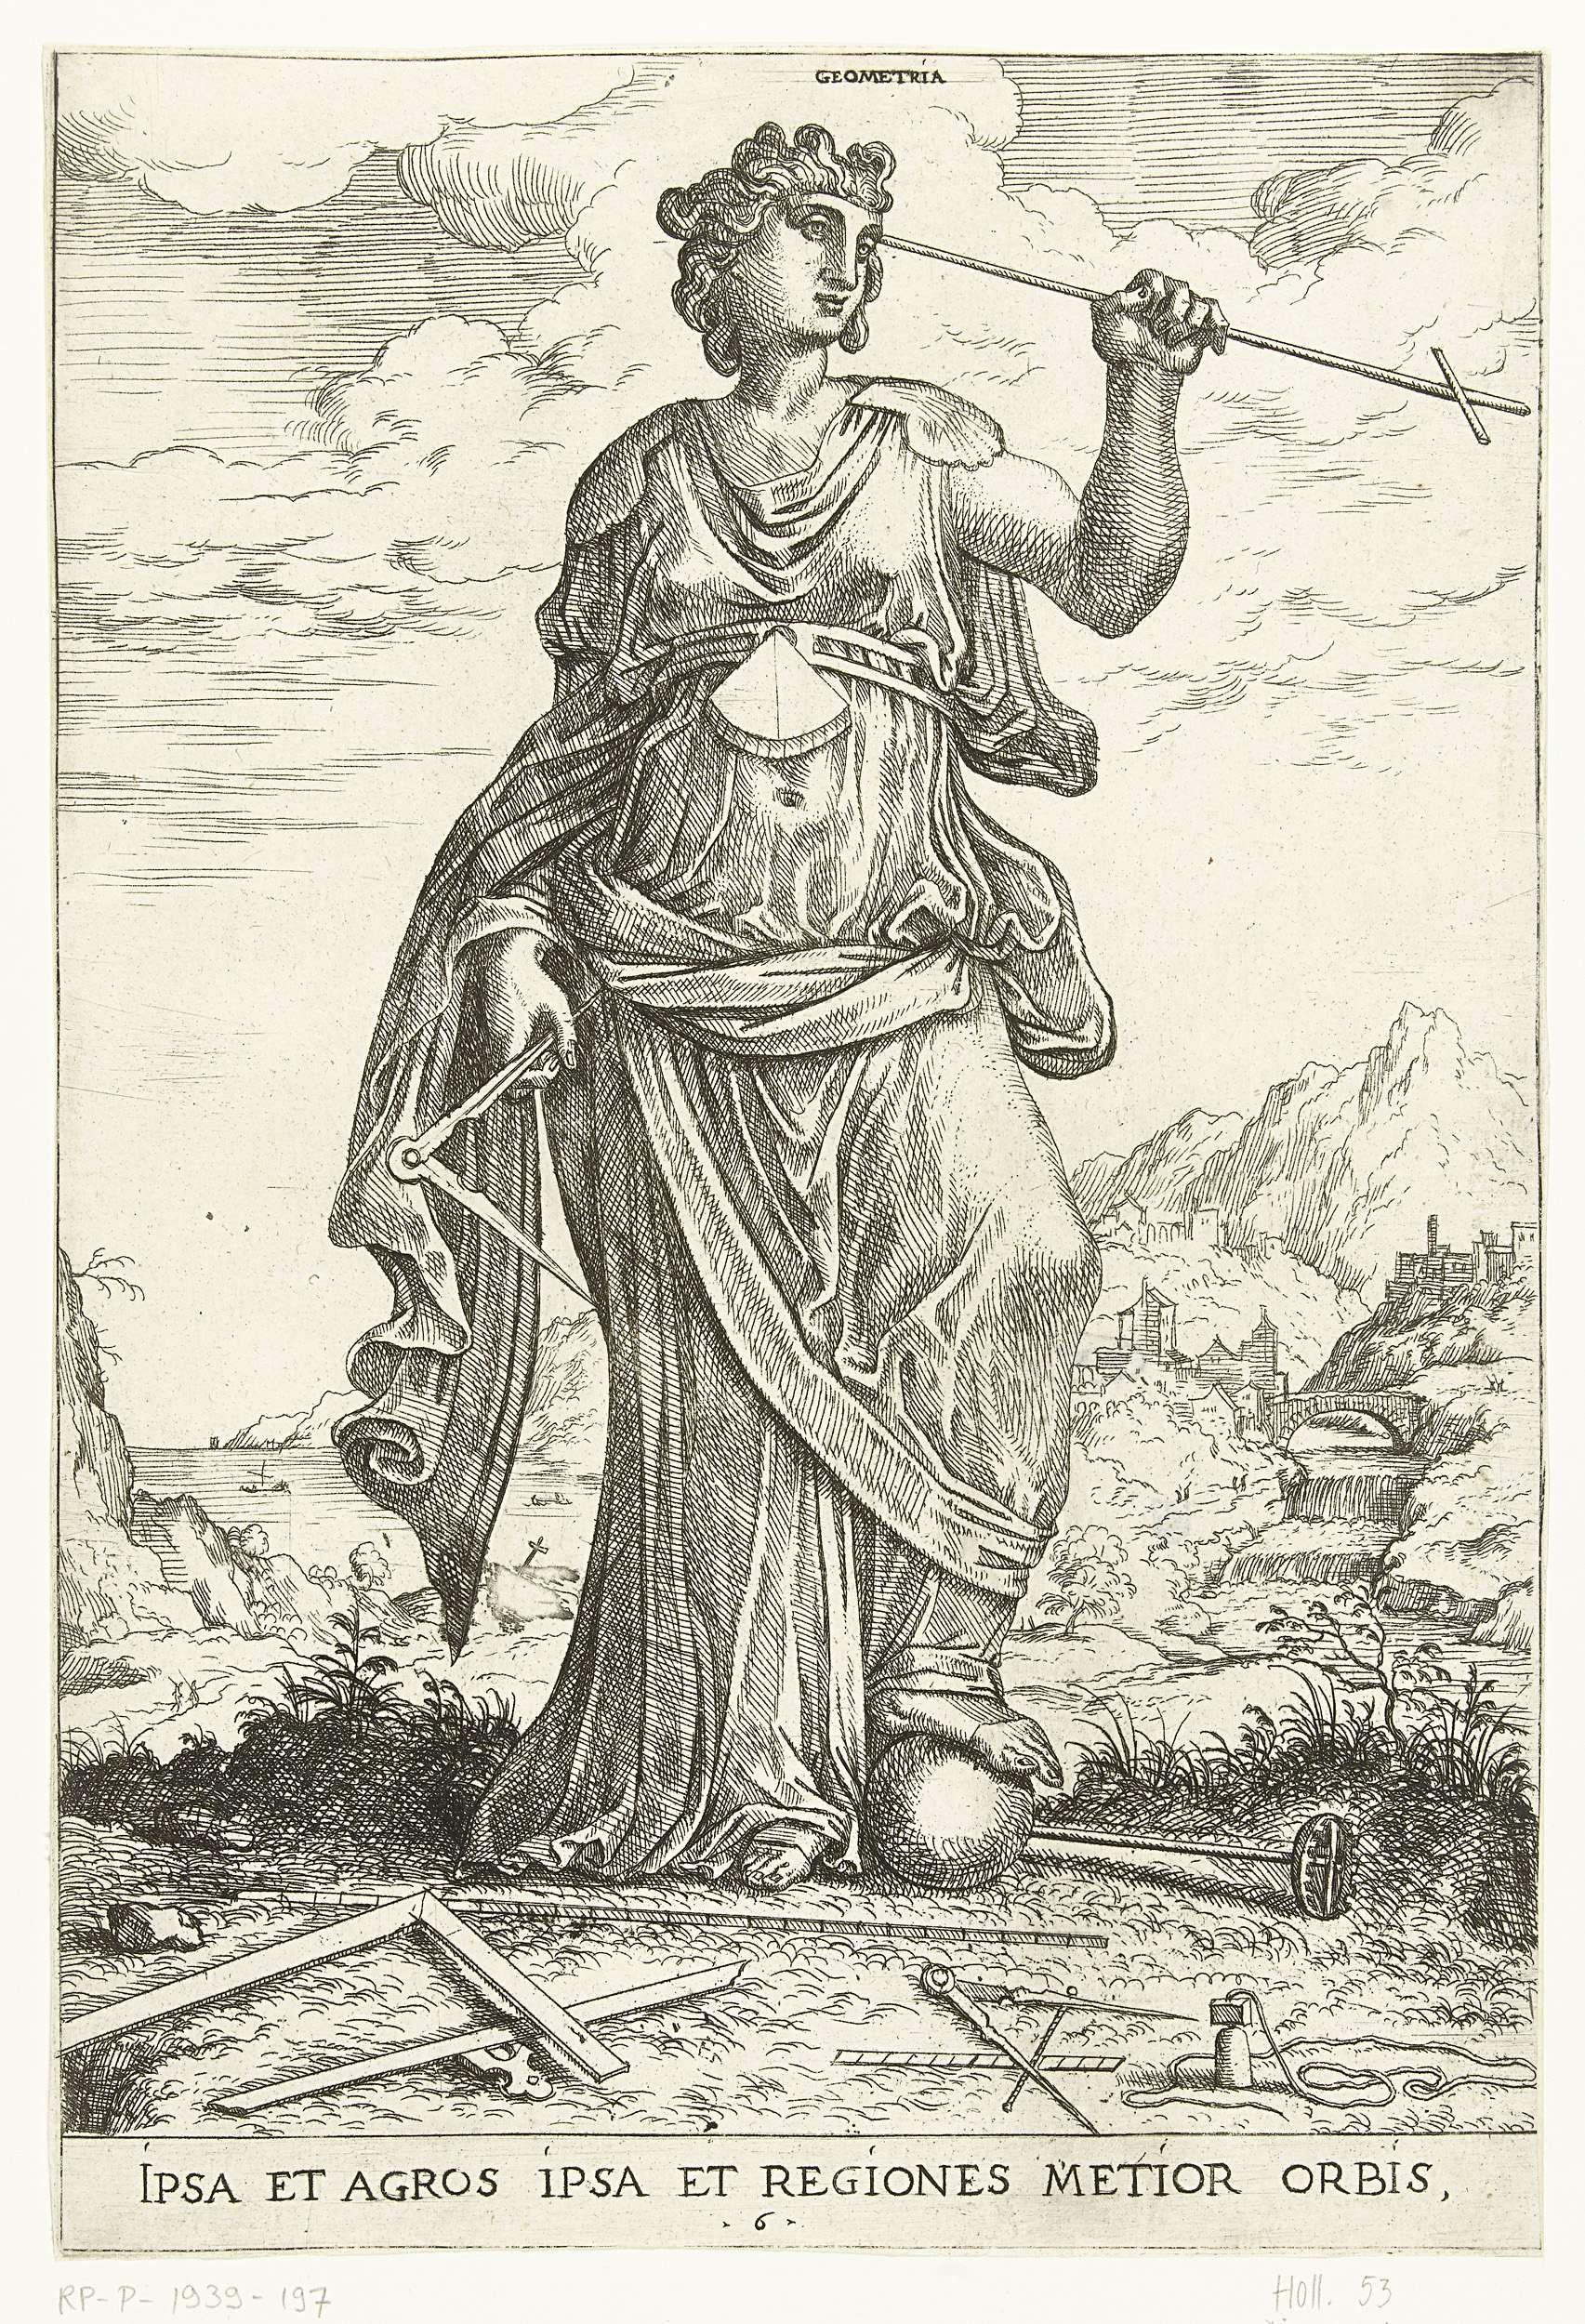 Hieronymus Cock | Geometria, Hieronymus Cock, Frans Floris (I), 1551 | Meetkunde (Geometria) staat met haar voet op een globe en houdt een passer in haar hand. Op de grond liggen een lineaal, een tekendriehoek, een passer en een meetlint. Rechts achter is een stad te zien. Door e stad loopt een rivier die net buiten de stad in een waterval uitkomt.